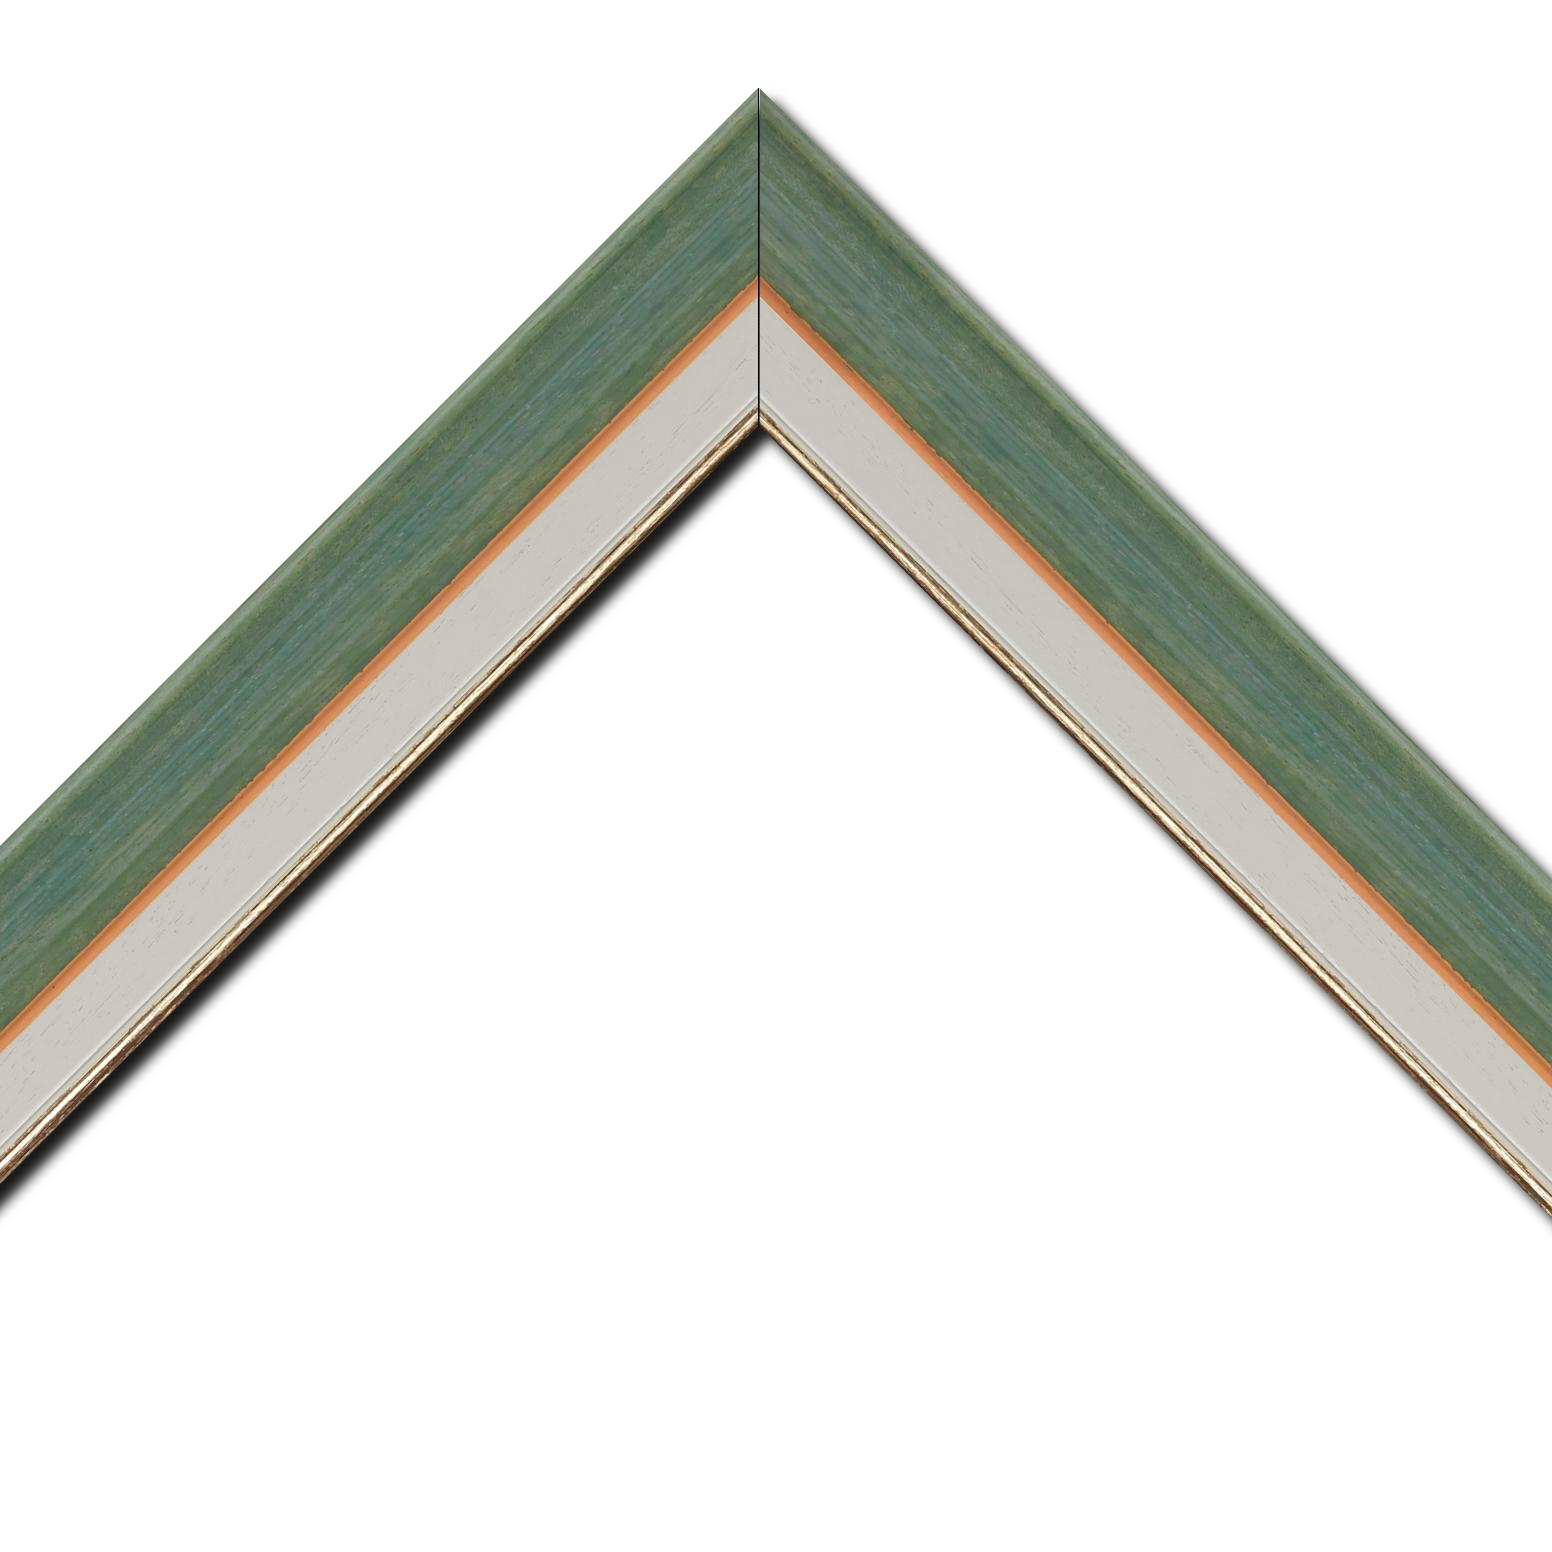 Baguette bois profil incurvé largeur 3.9cm couleur vert amande satiné filet or + bois profil plat marie louise largeur 2.5cm couleur crème filet or (largeur totale du cadre 5.8cm)